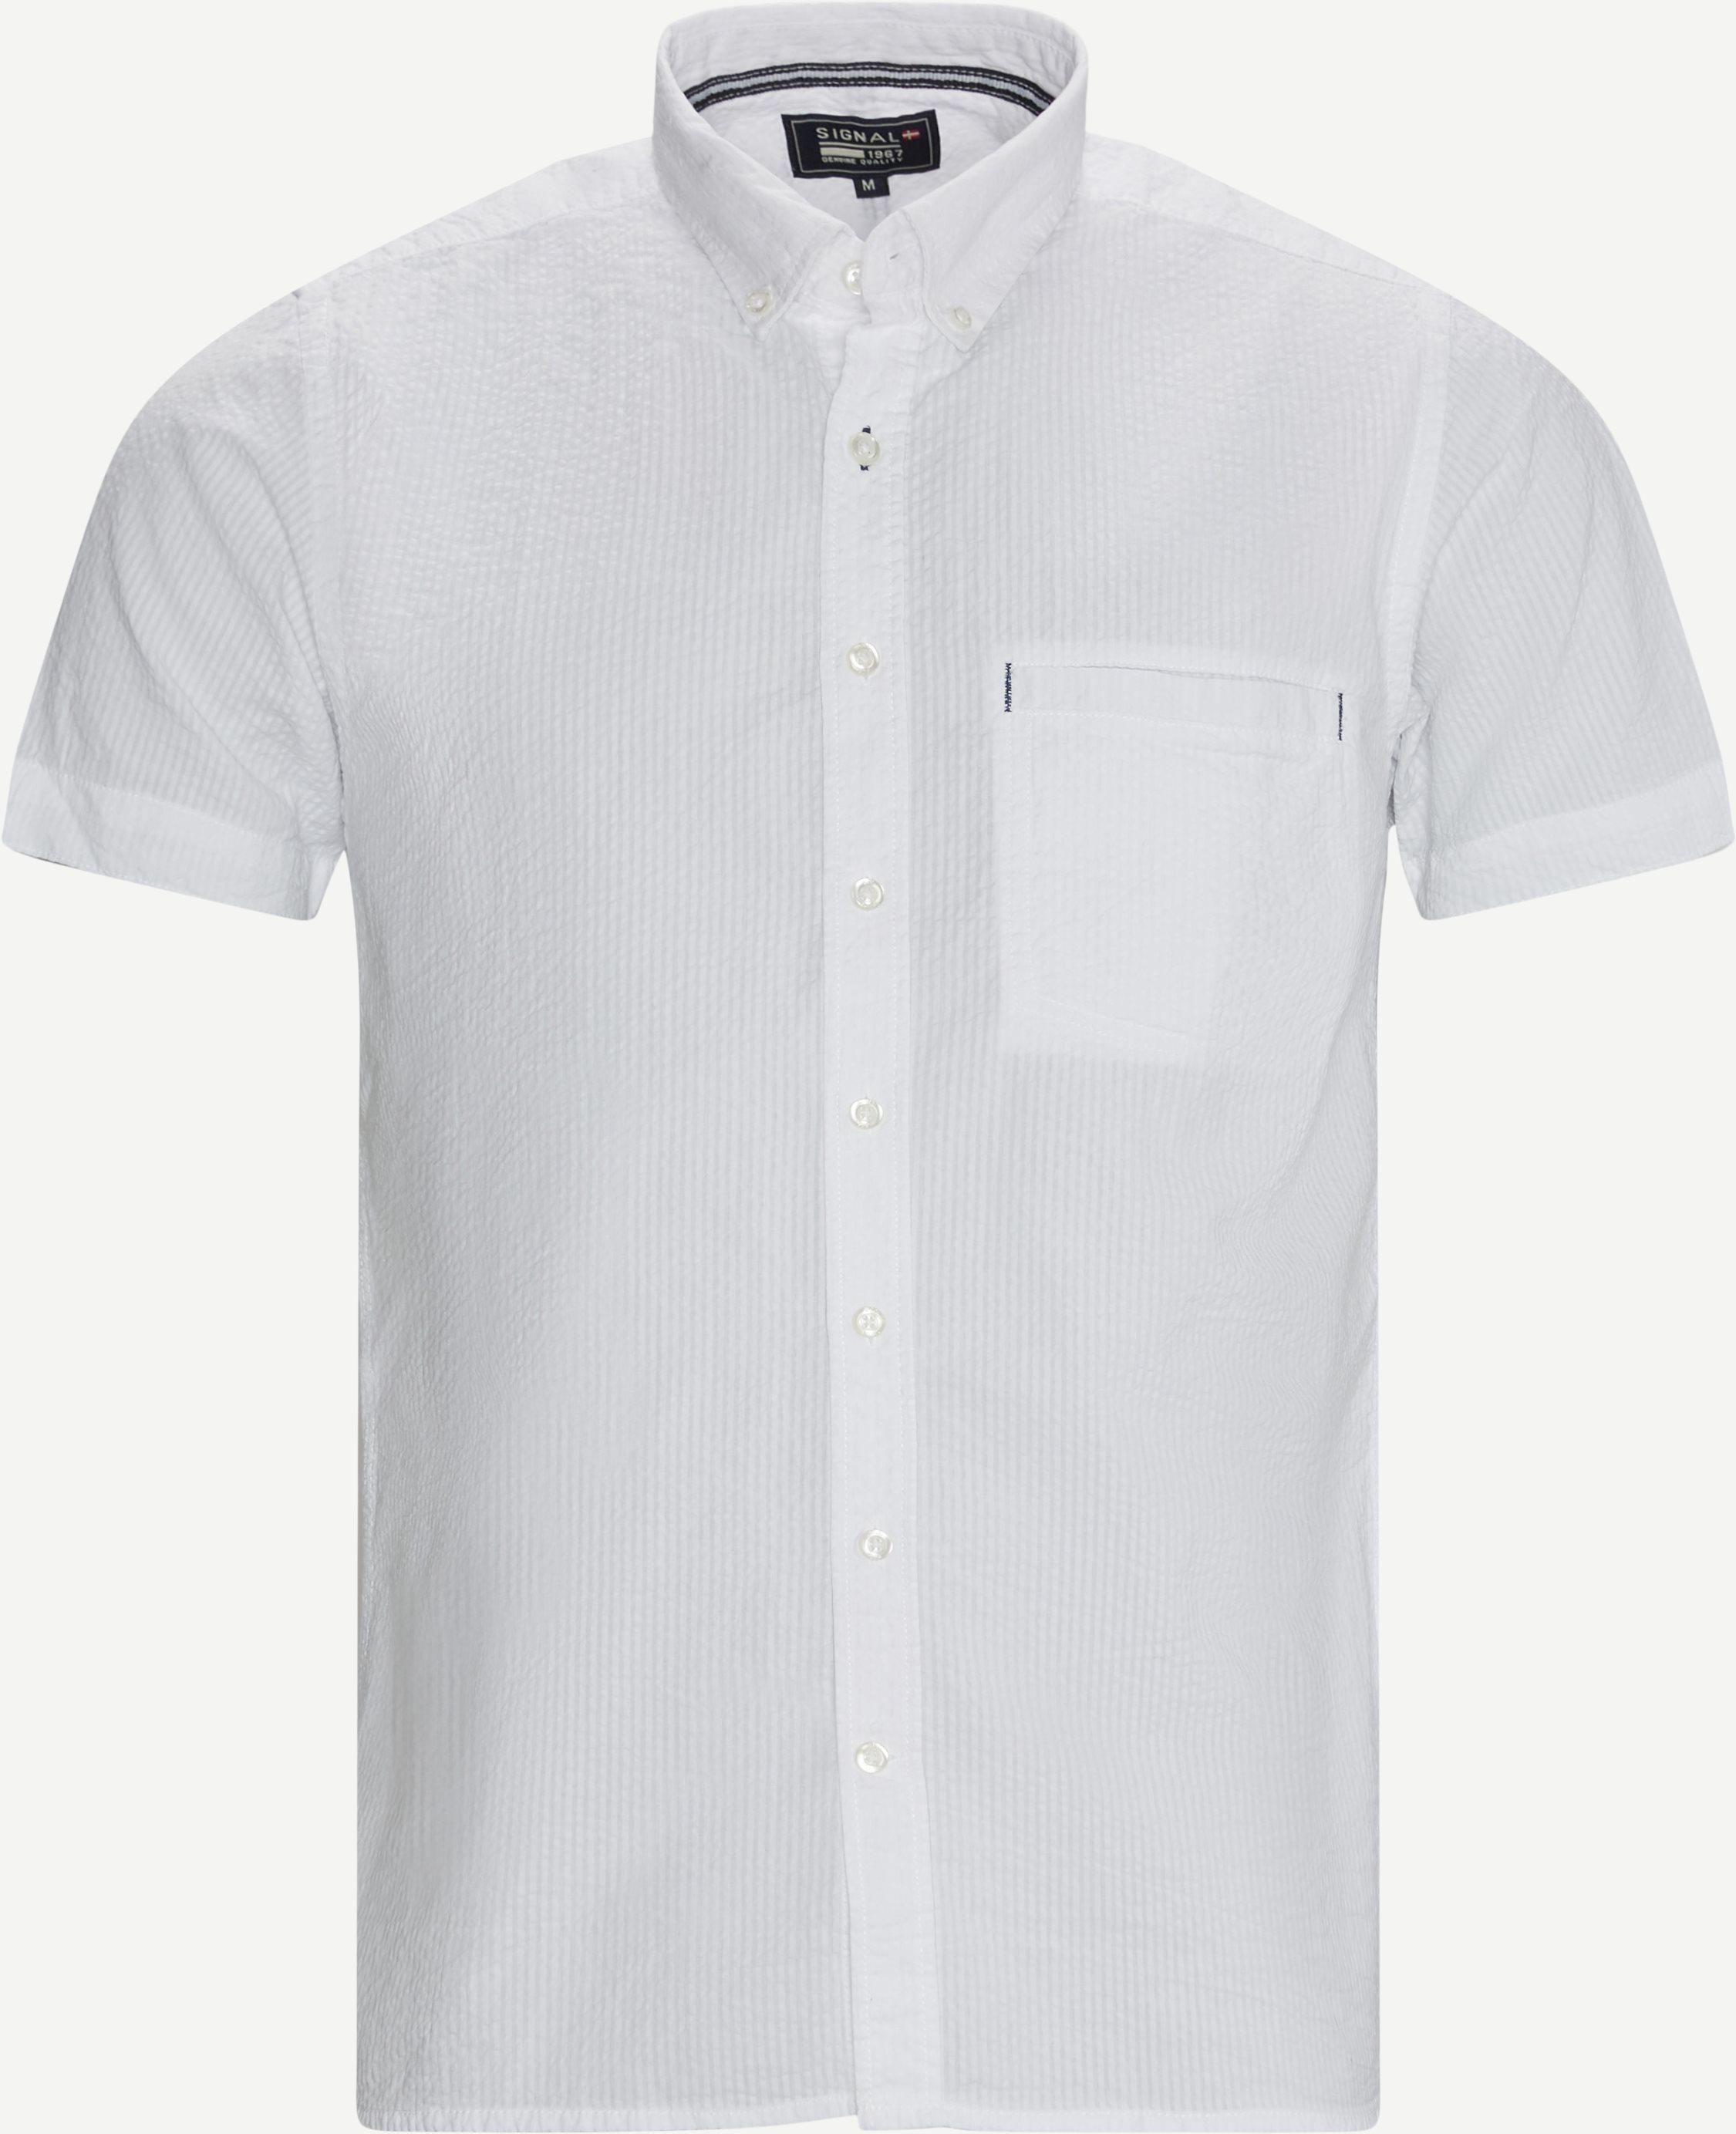 Kortærmet Skjorte - Kortærmede skjorter - Casual fit - Hvid